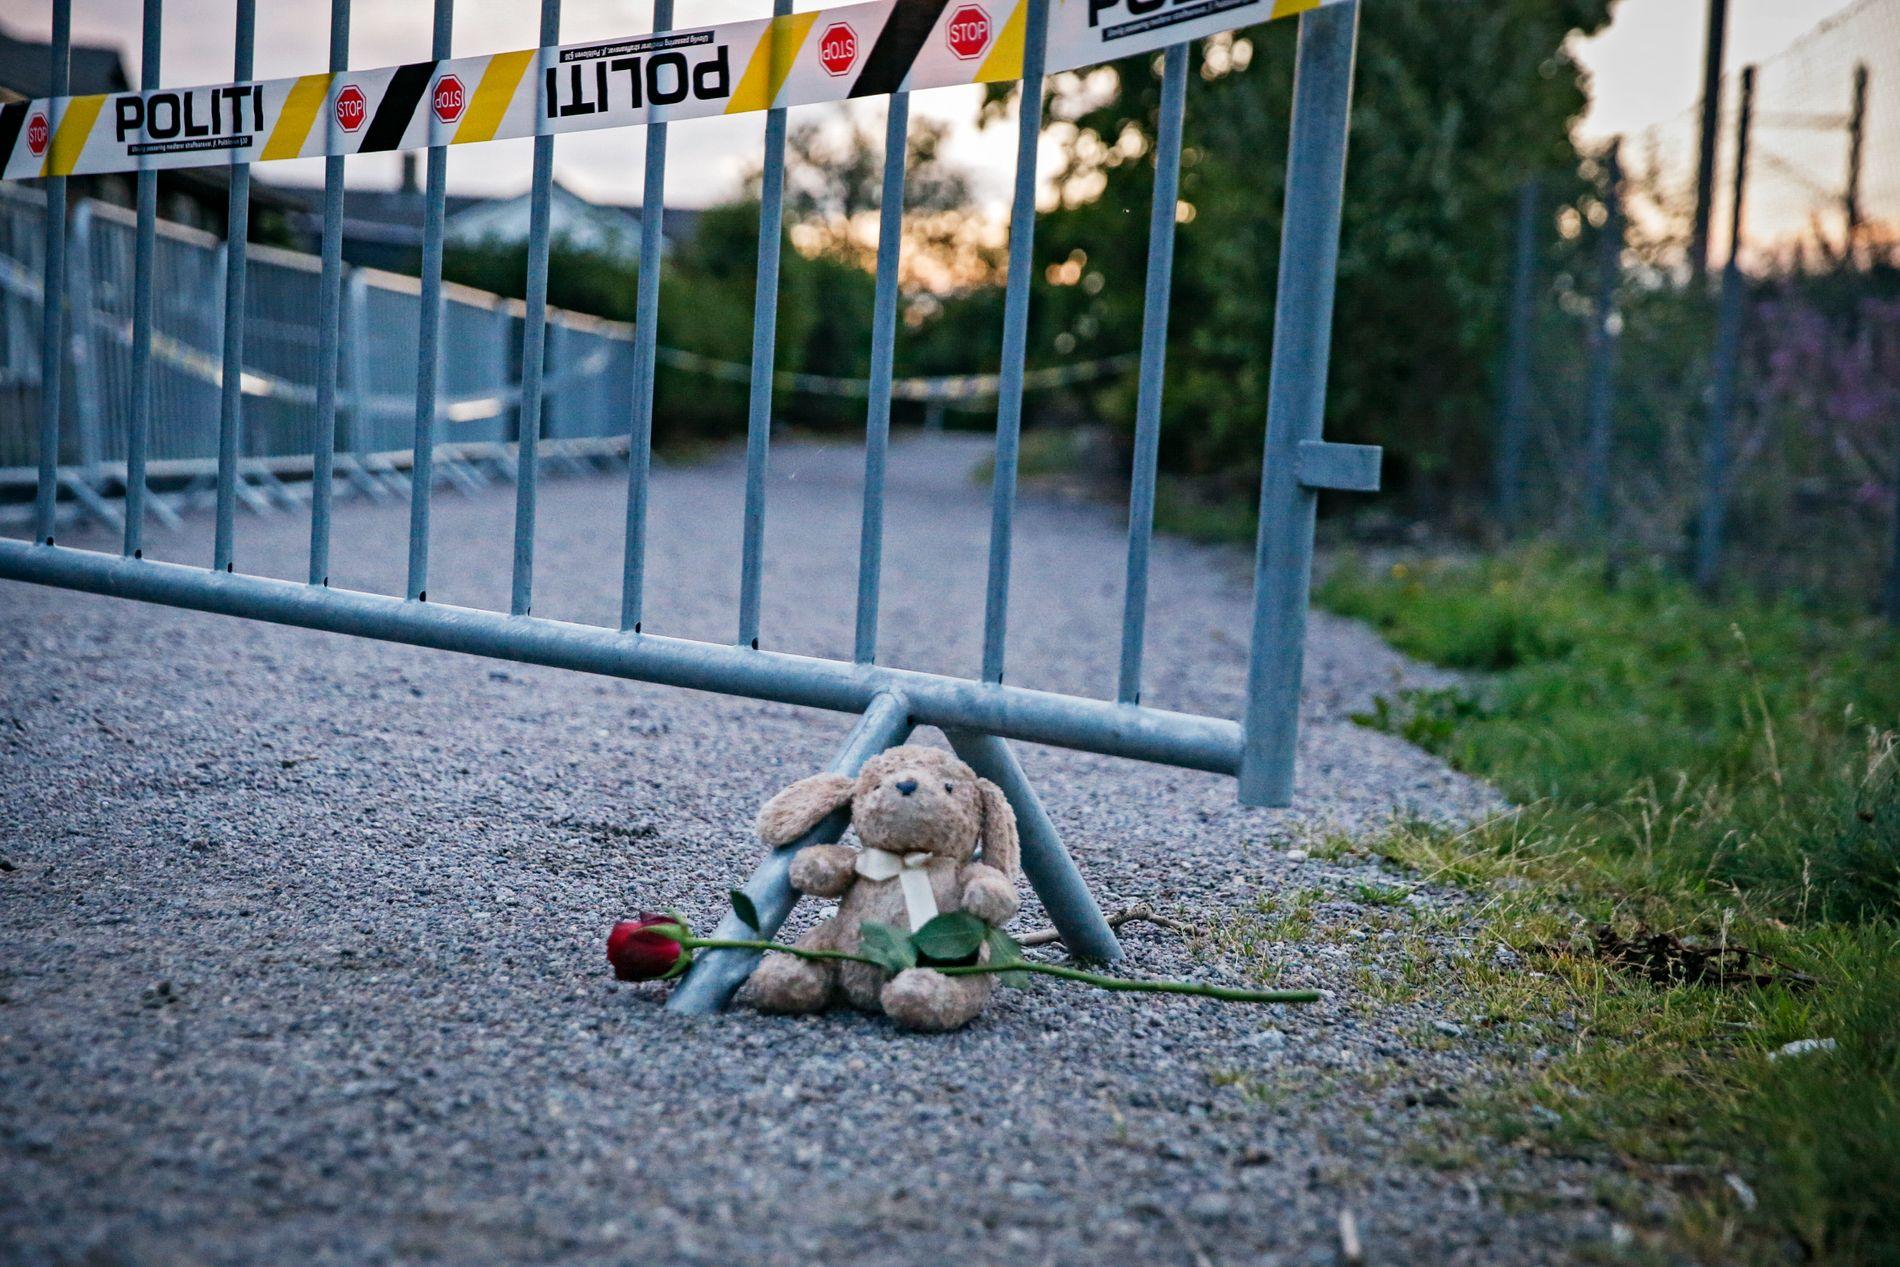 FUNNSTEDET: Det ble satt opp sperringer ved funnstedet. En blomst og en bamse var lagt ved siden av for å minnes 13-åringen. Tirsdag ettermiddag ble sperringene åpnet.